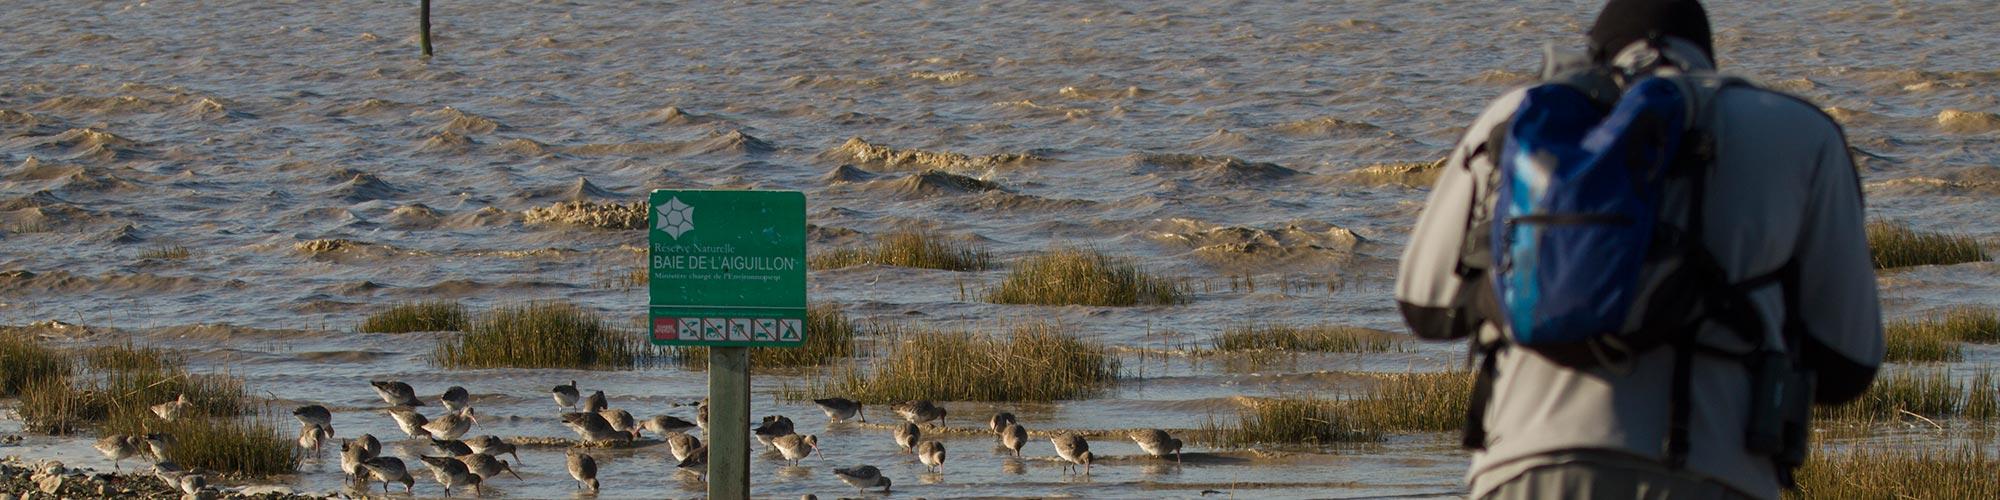 Un garde observe les oiseaux dans la baie de l'Aiguillon